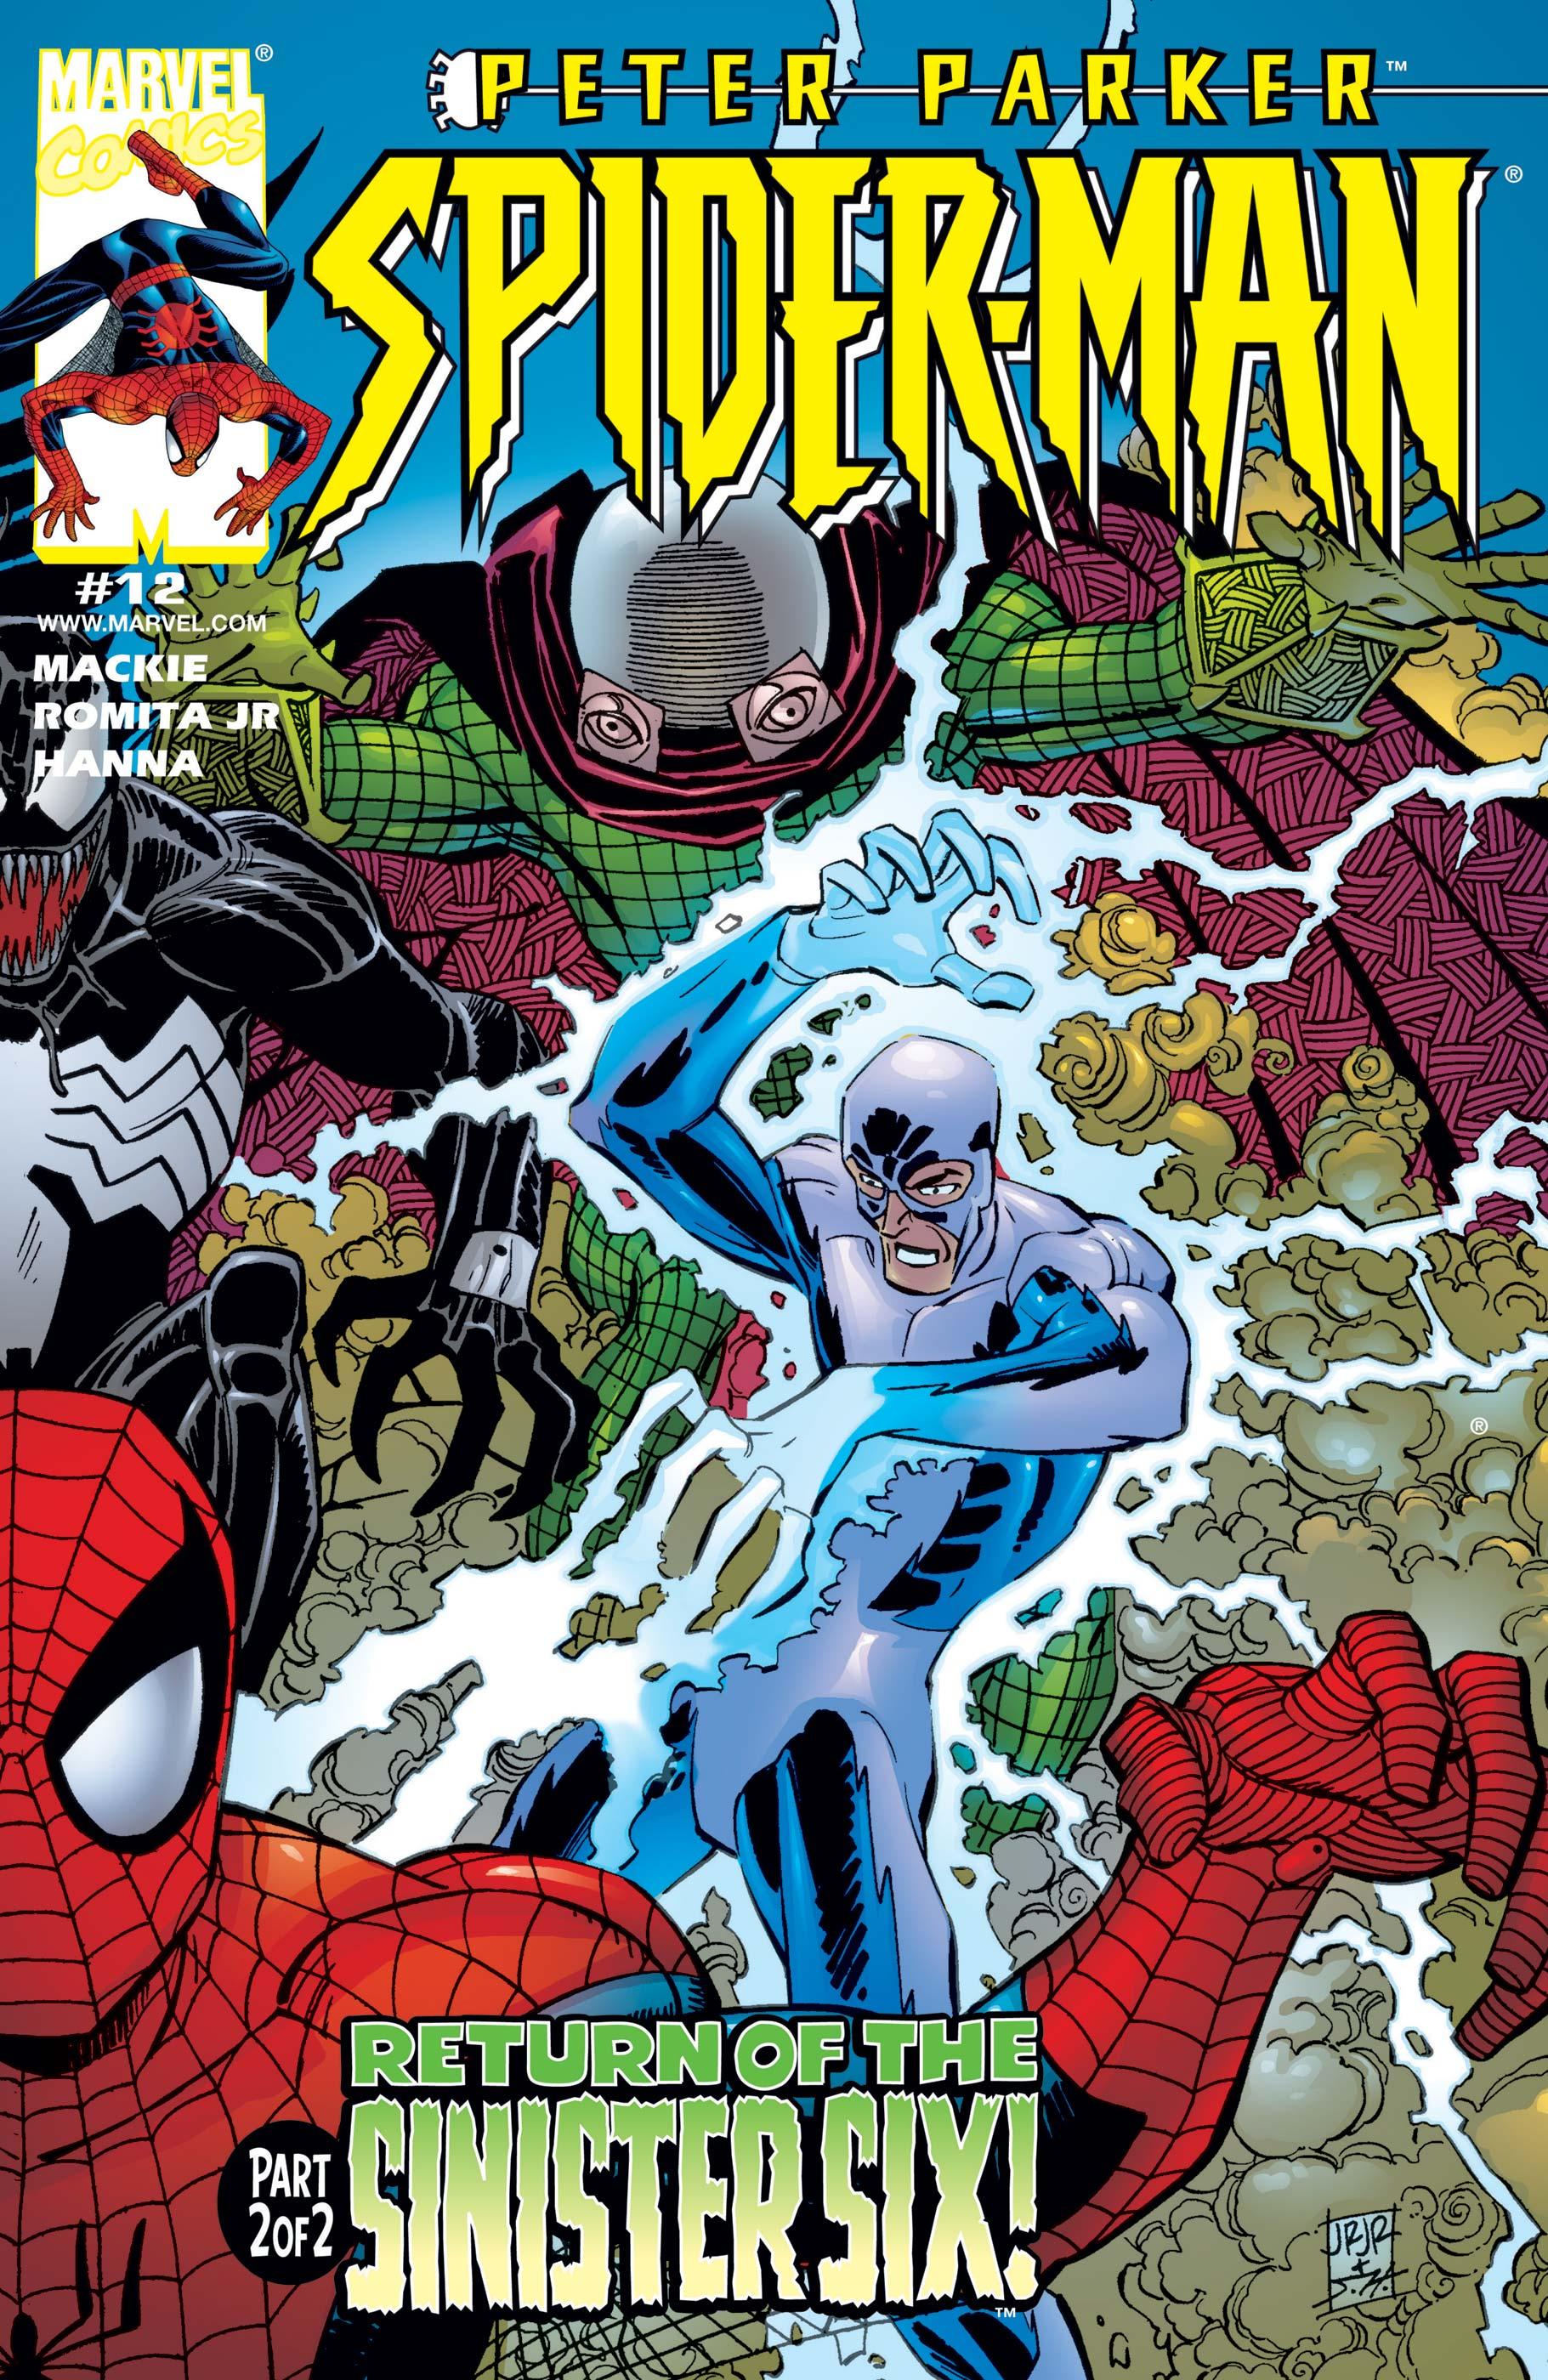 Peter Parker: Spider-Man (1999) #12